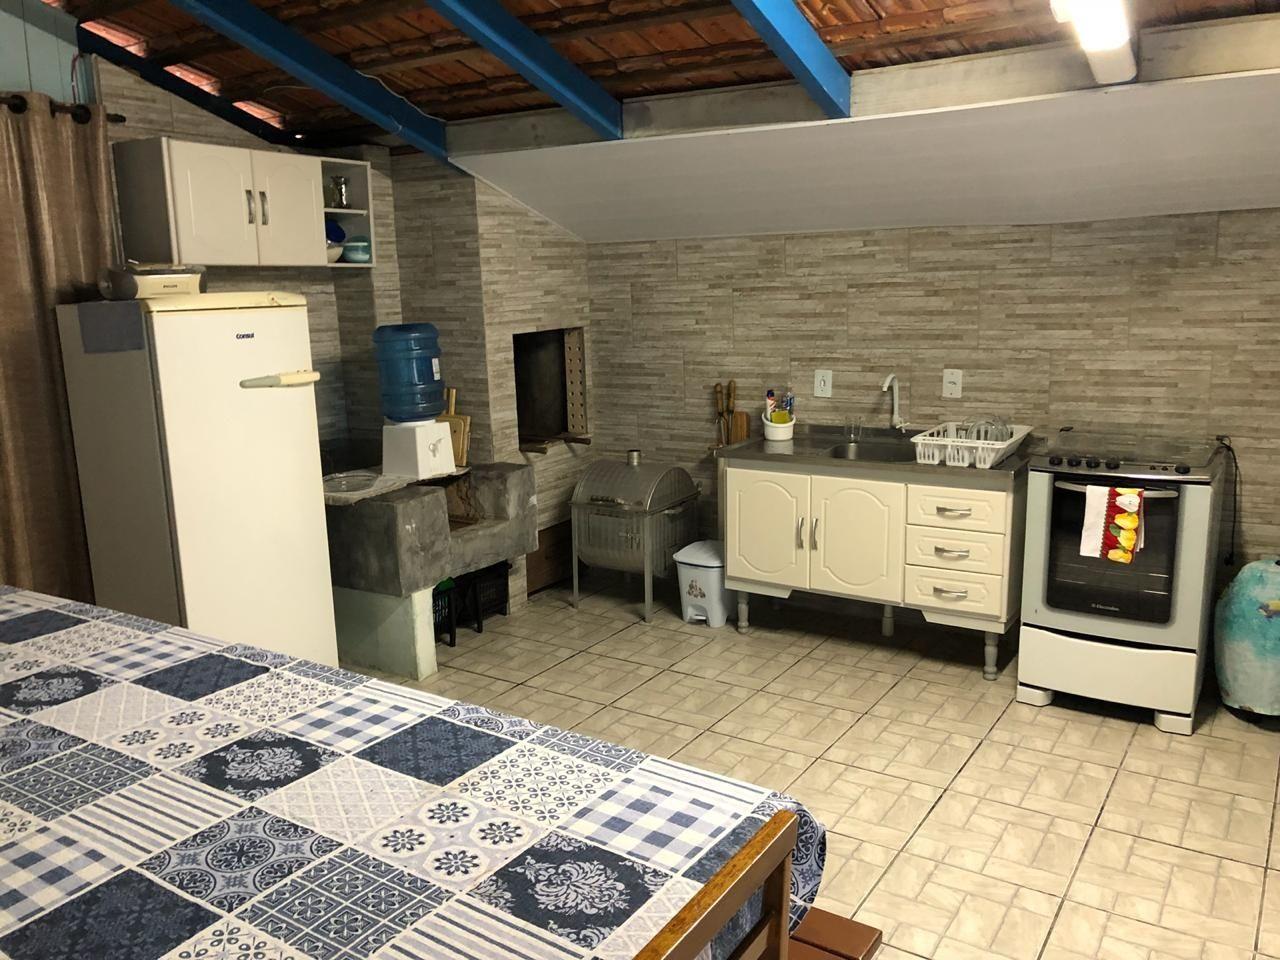 Casa com 4 Dormitórios para alugar, 80 m² valor à combinar